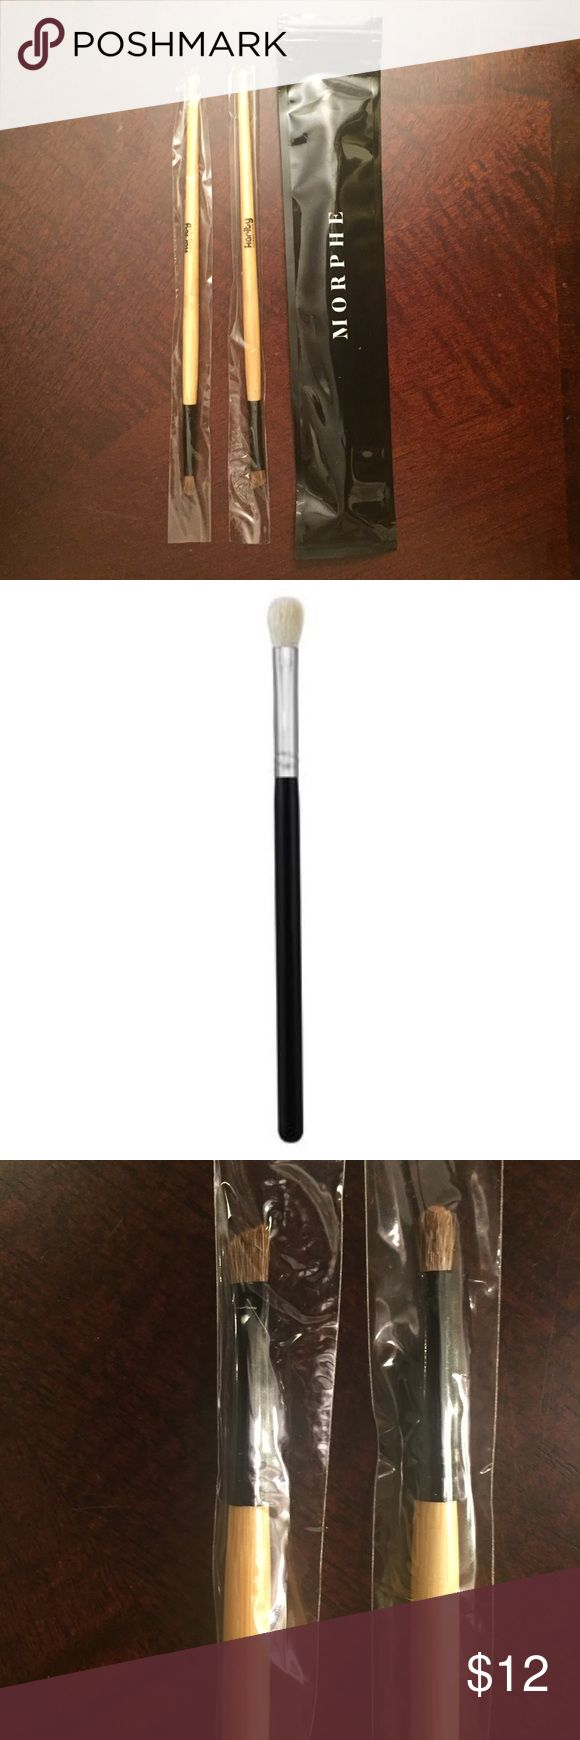 Morphe Blending Brush + Karity Eyeliner Brushes Bundle of three makeup brushes: Morphe M433 Blending Brush for eyeshadow, Karity precision eyeliner brush, and Karity winged eyeliner brush. These are new in original packaging. Morphe Makeup Brushes & Tools